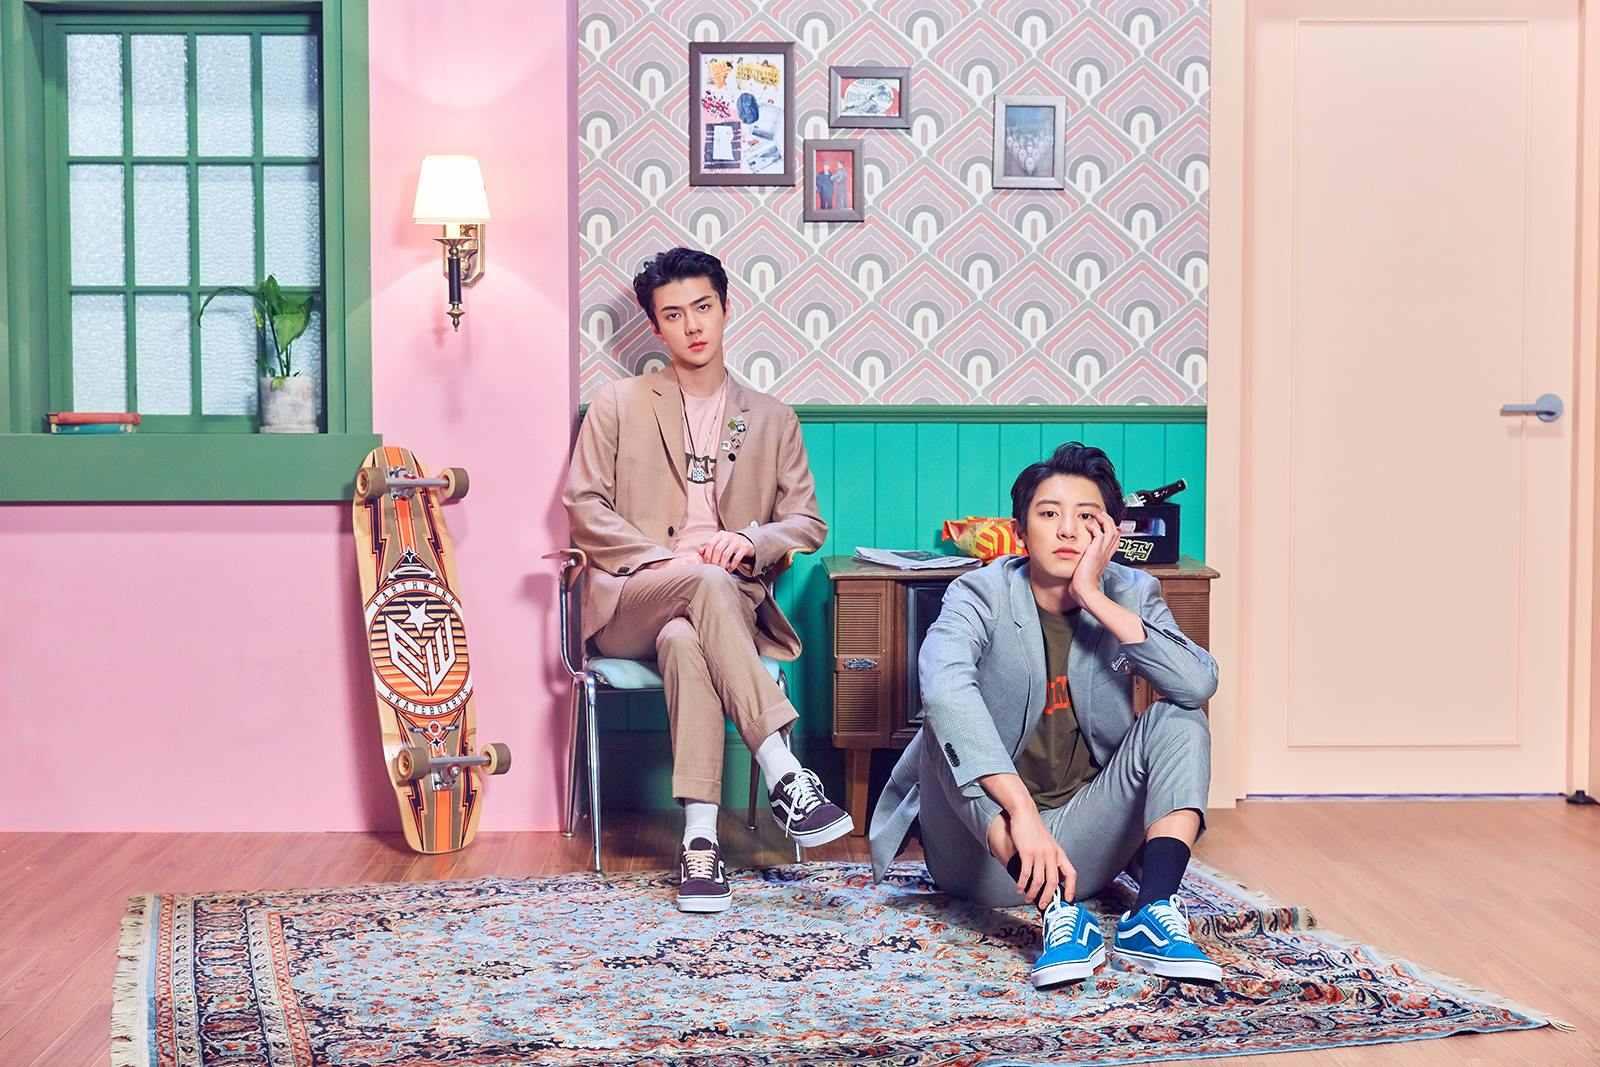 """繼伯賢和 Loco 合作發行歌曲後,燦烈和世勳也將發表新歌 """"We Young""""。  EXO-L都準備好了嗎(掌聲+尖叫XDDD)"""